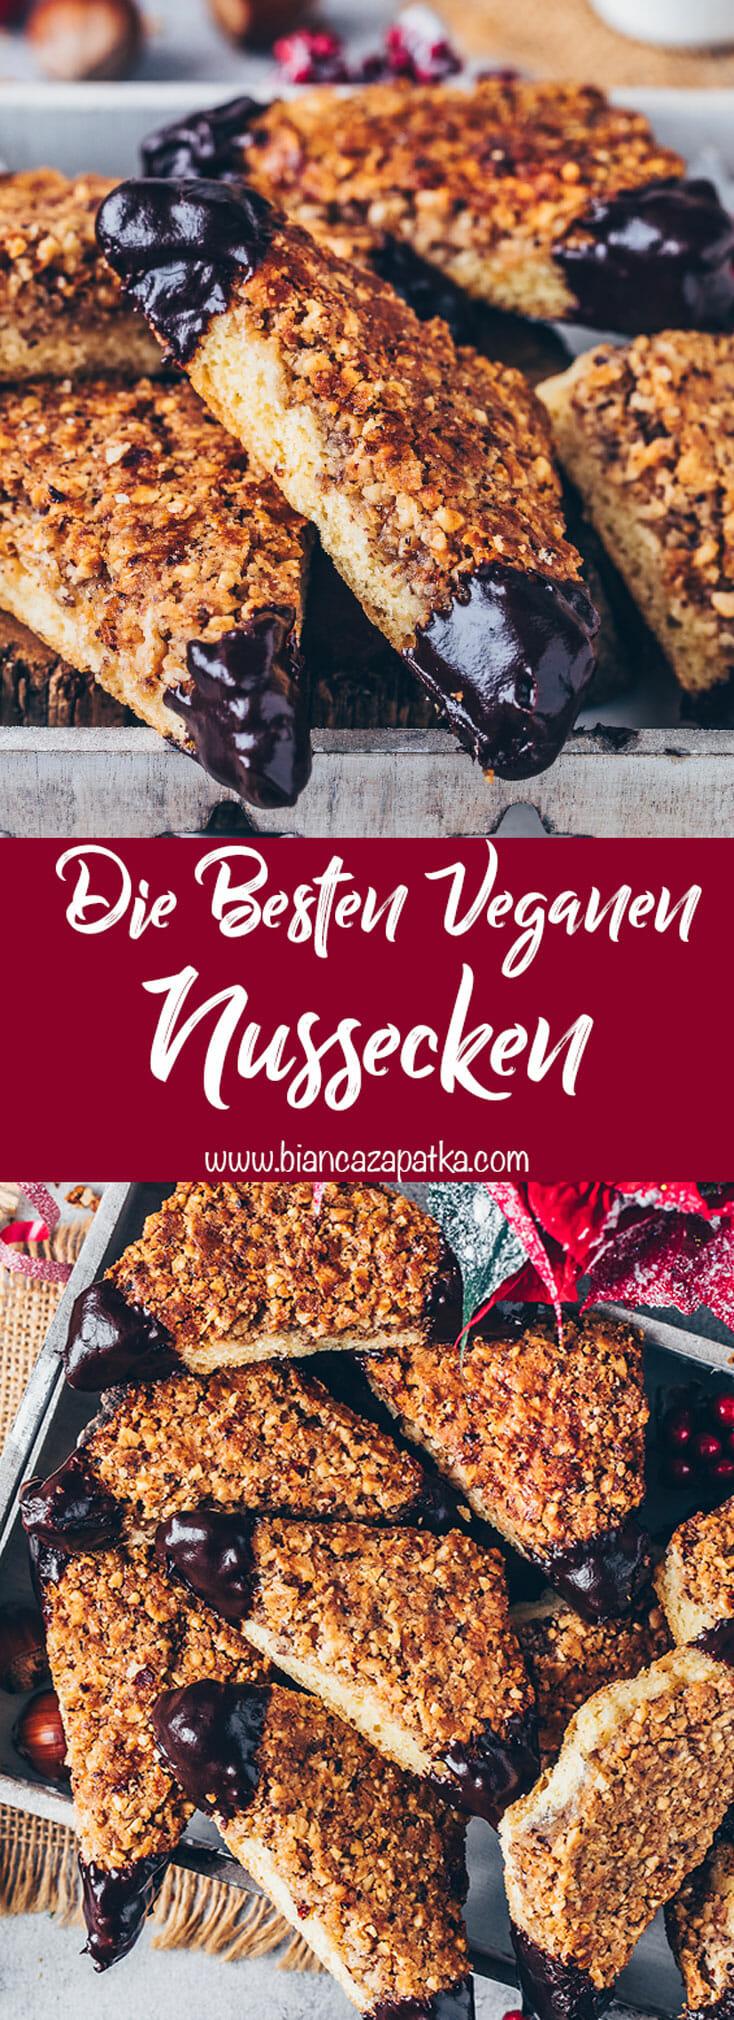 Vegane Nussecken